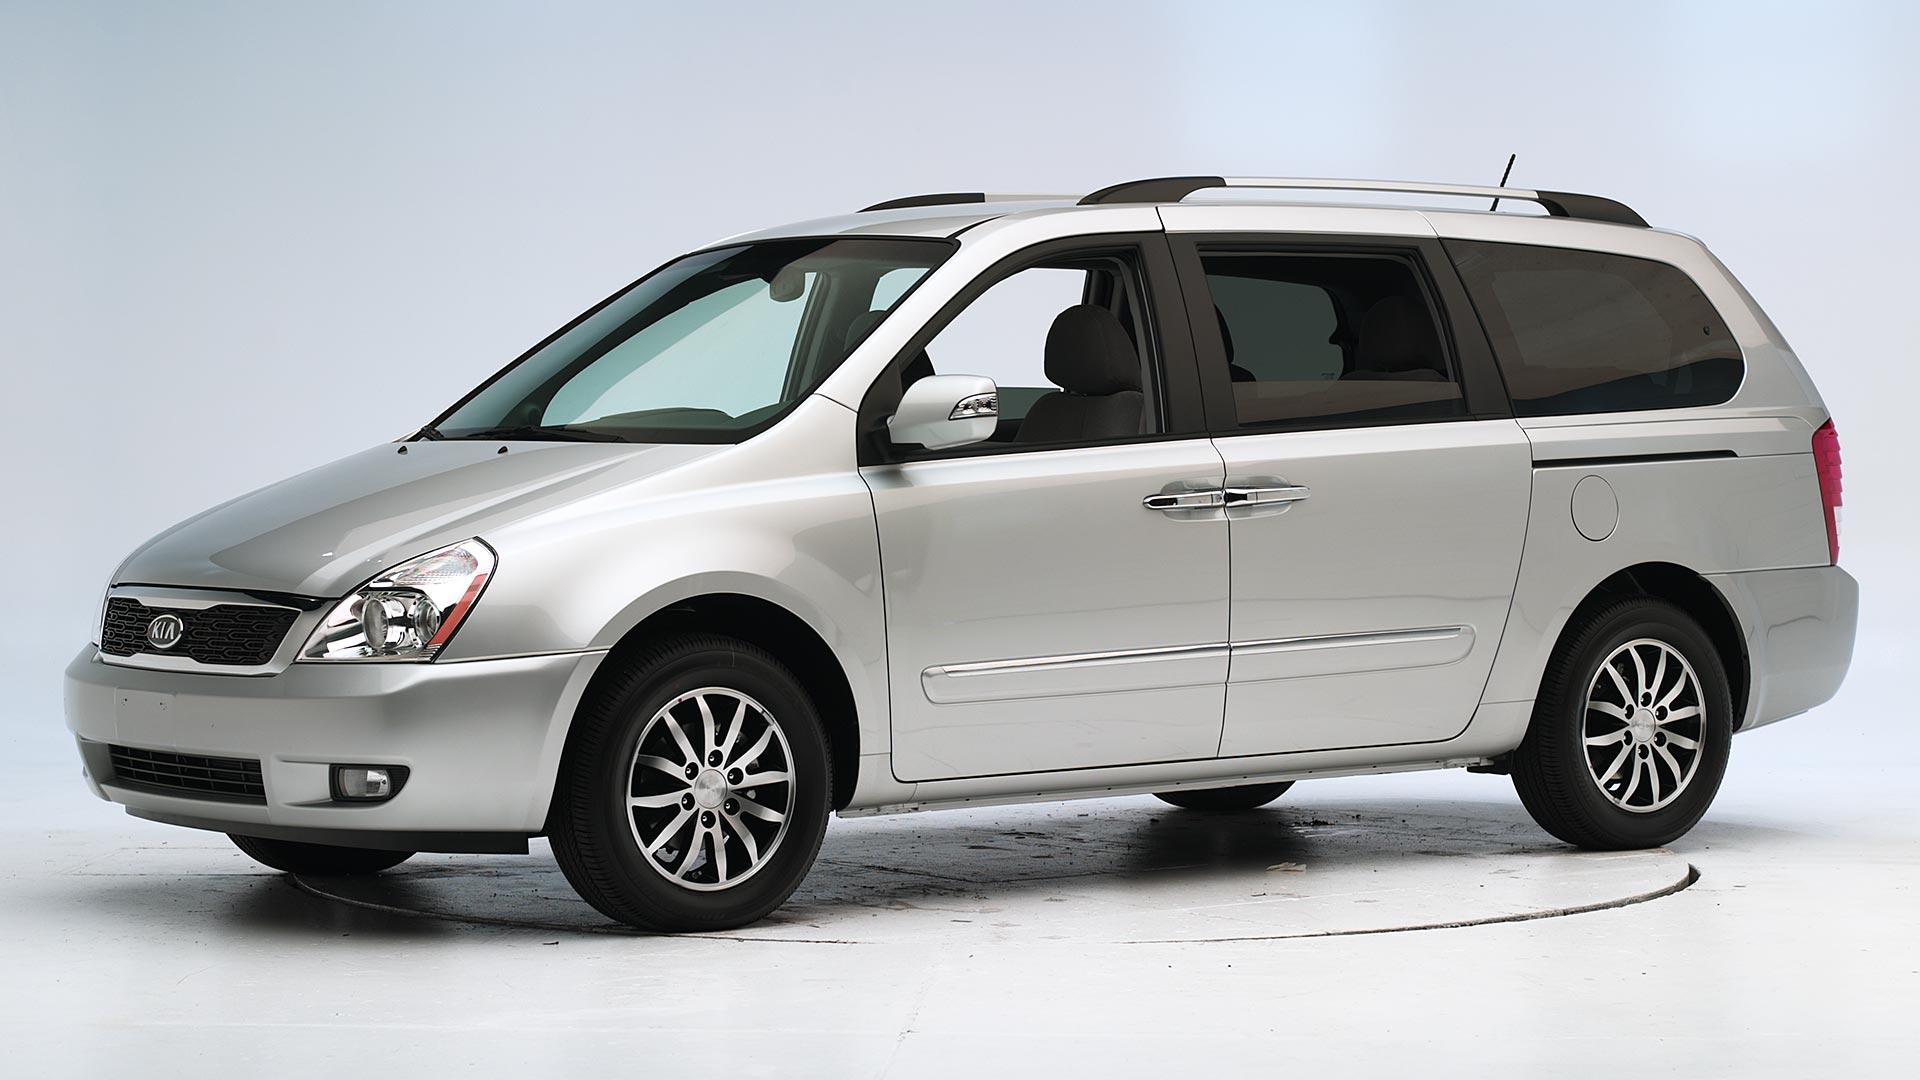 hight resolution of 2014 kia sedona minivan